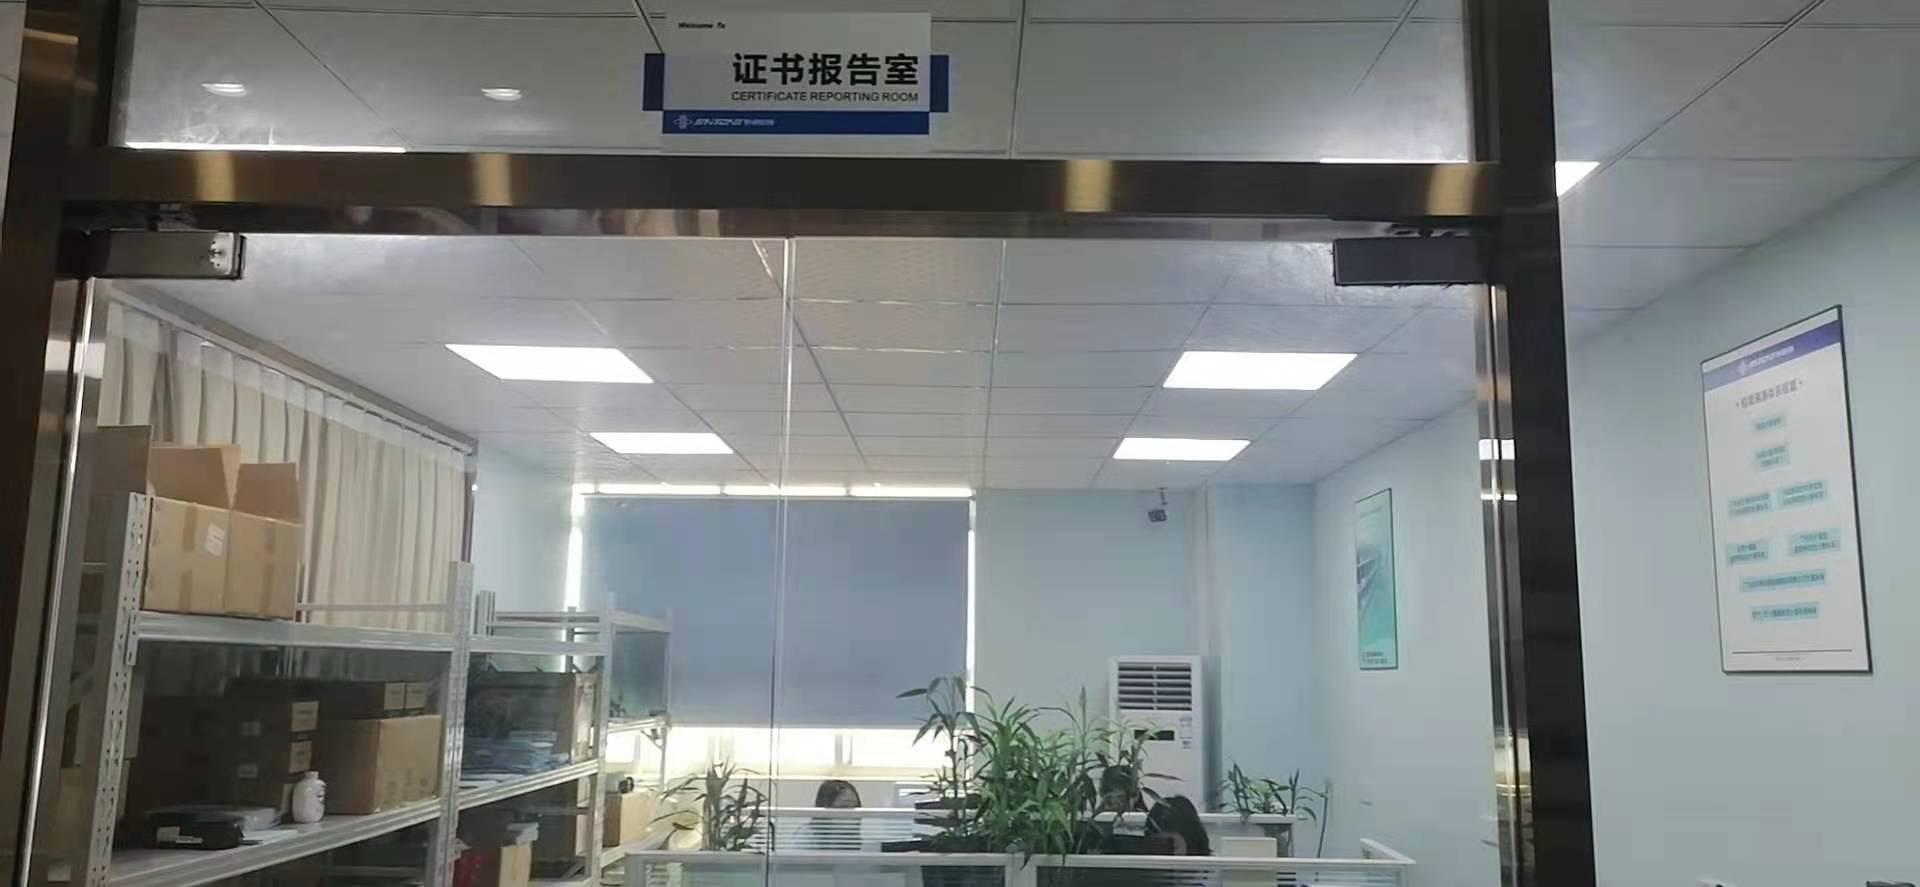 深圳龙岗耐压测试仪计量外校中心-计量检验中心